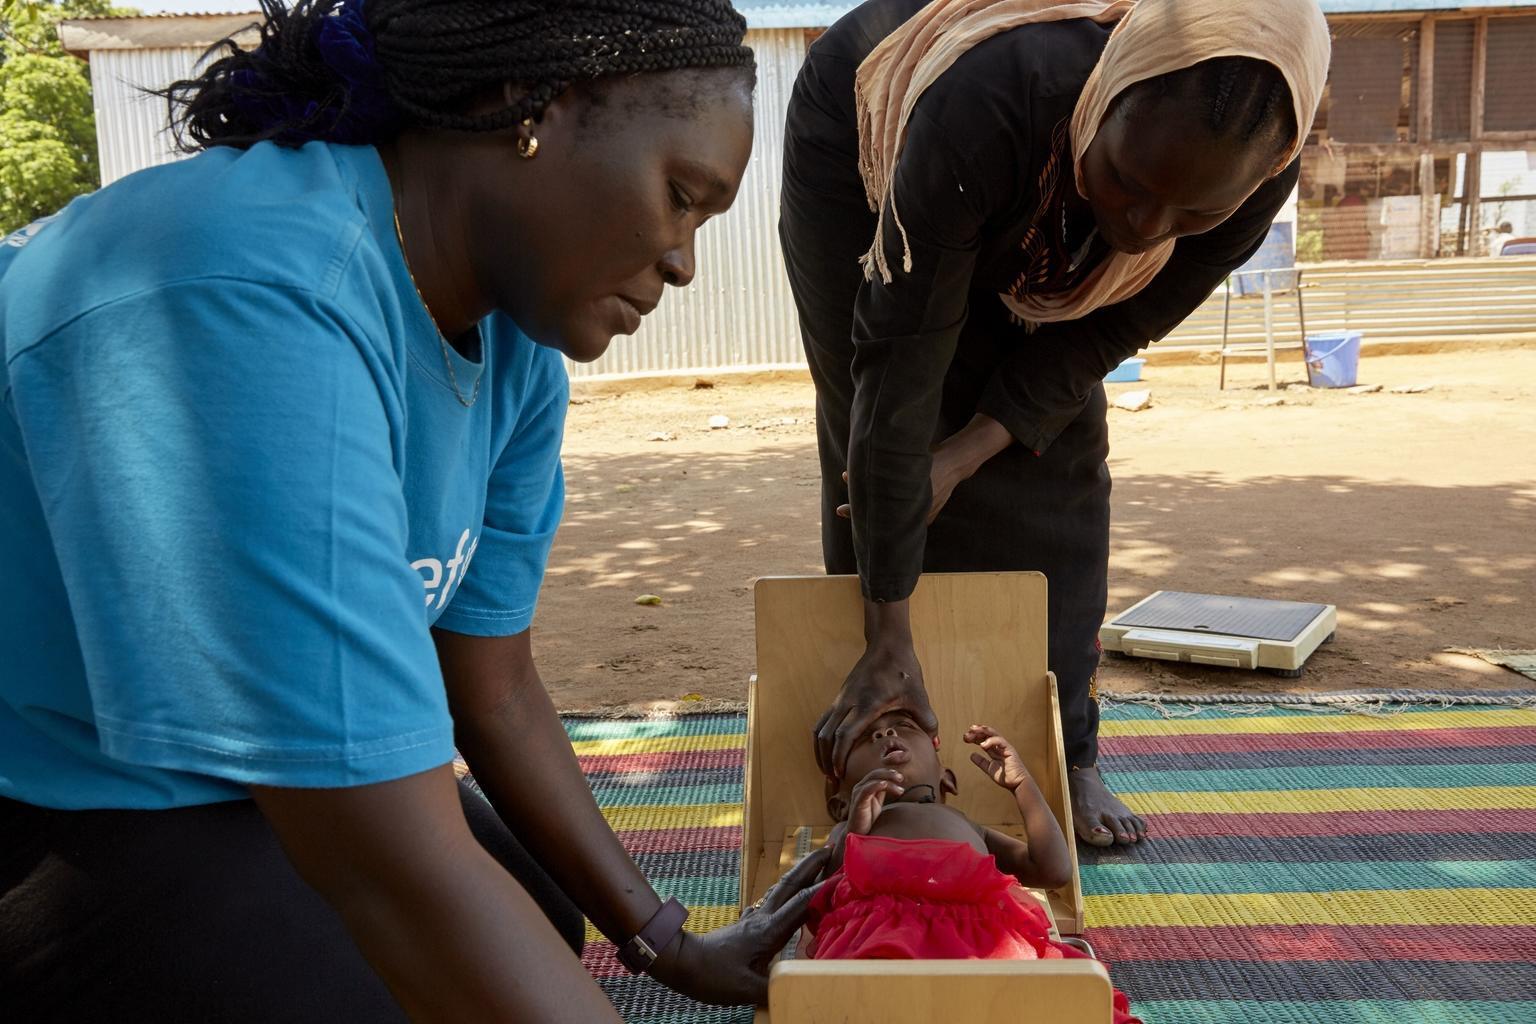 Bild zu Südsudan, Mangelenrährung